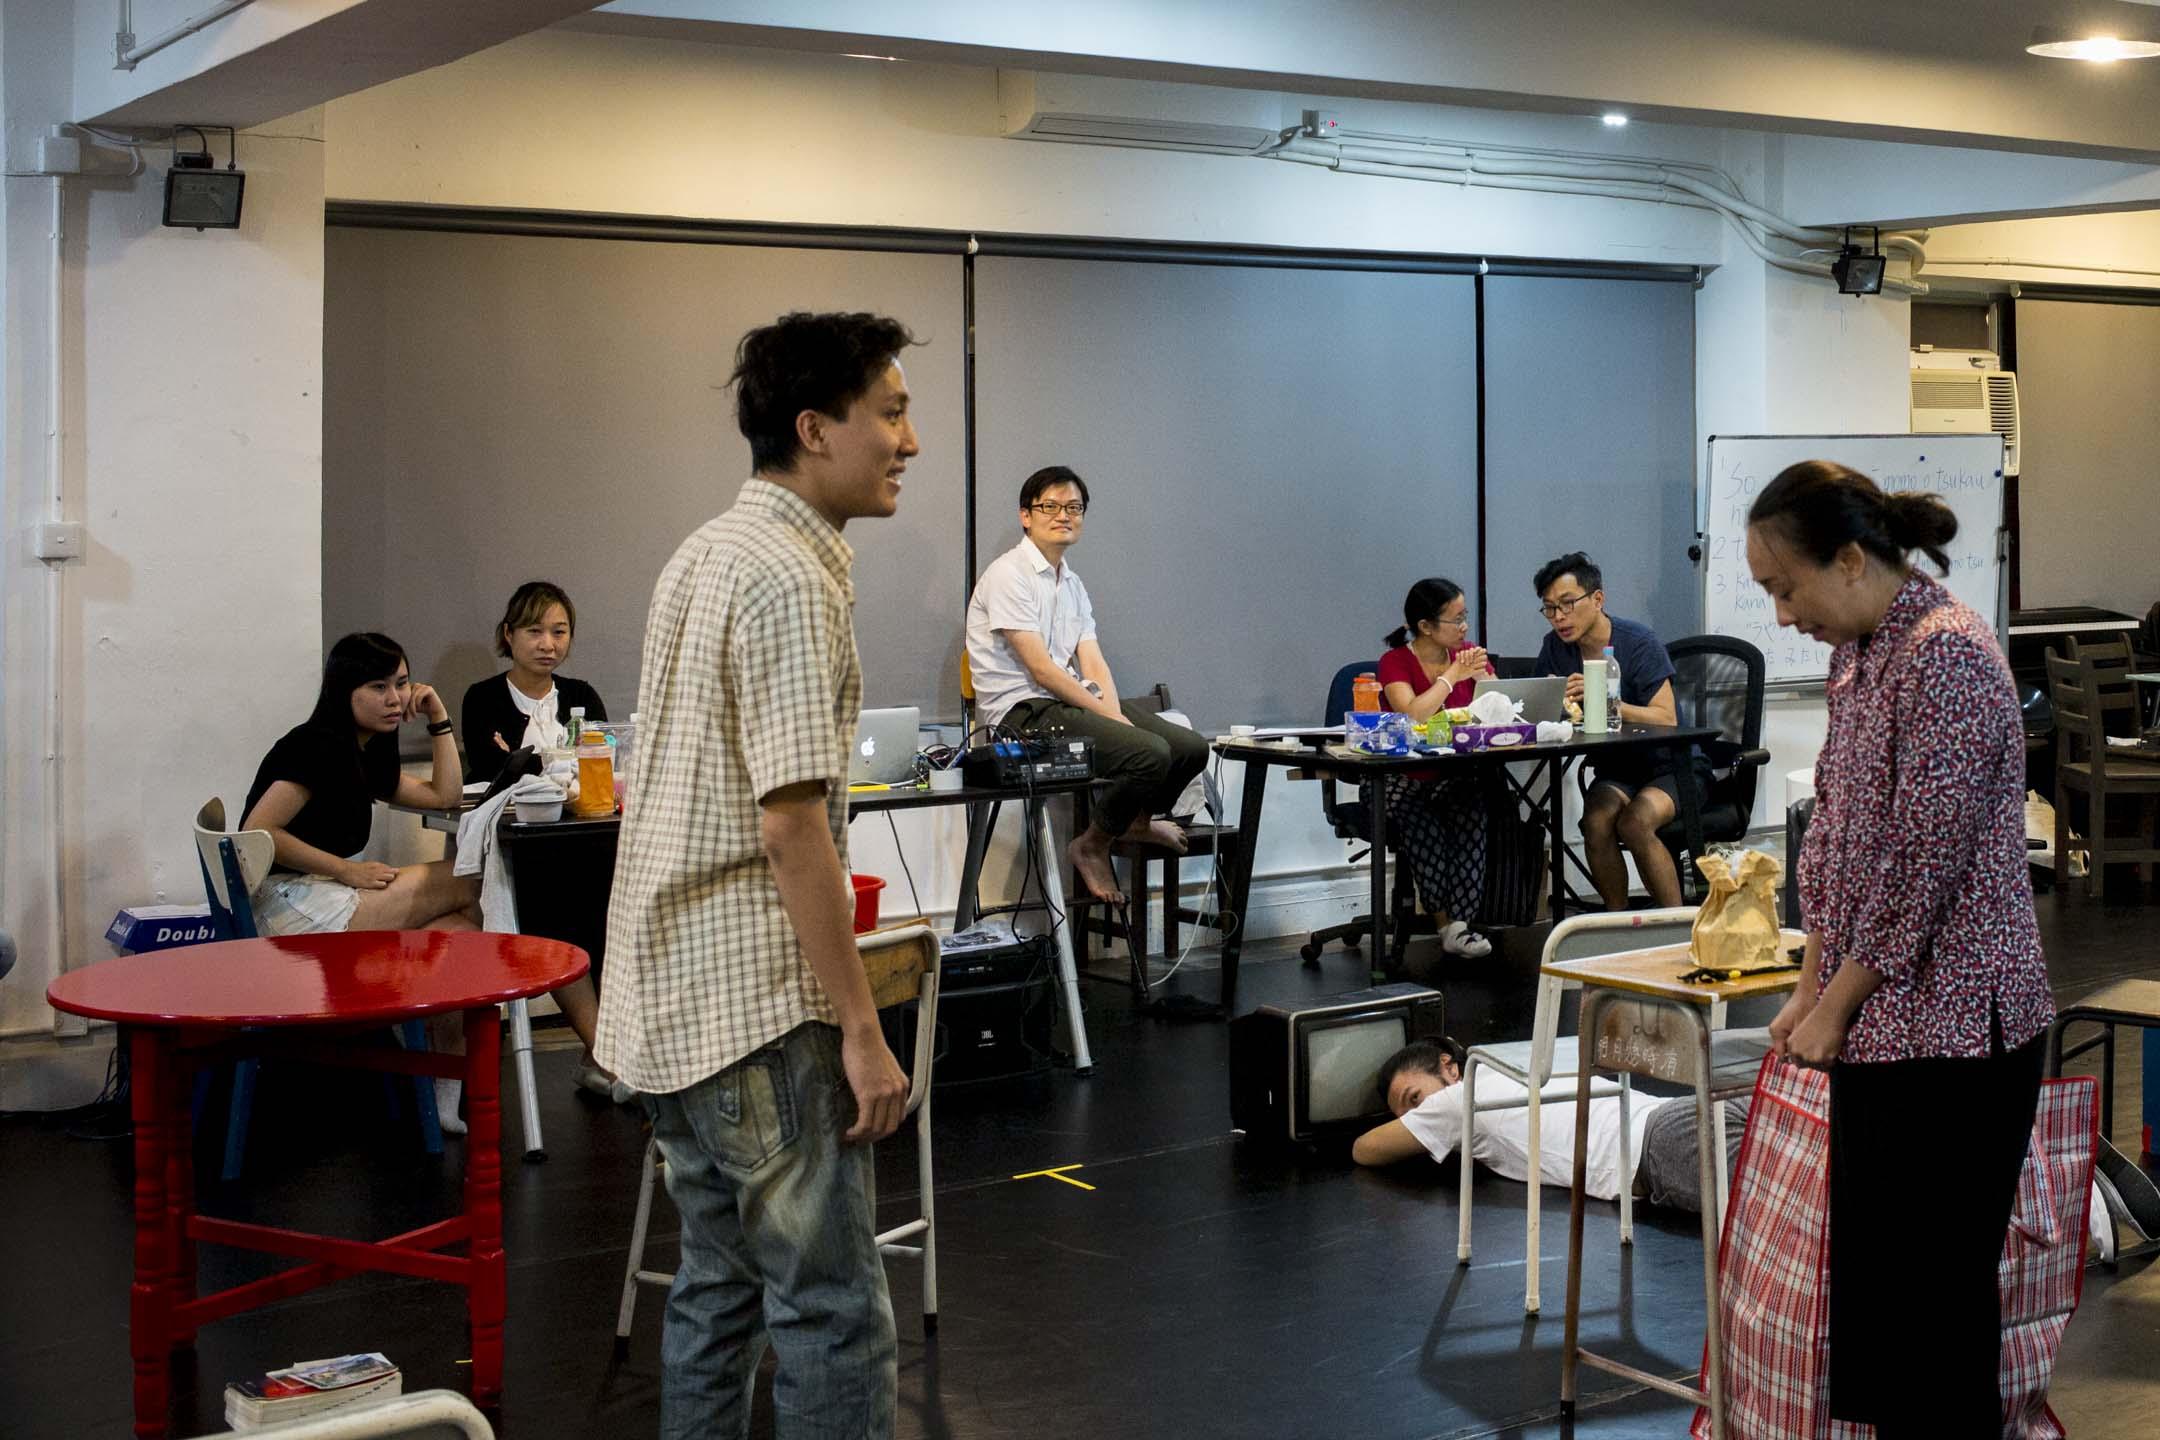 前進進戲劇工作坊的《建豐二年》,改編自香港作家陳冠中的政治寓言小說《建豐二年--新中國烏有史》,編劇和導演都是甄拔濤一人。去年他的英文劇本《未來簡史》獲2016德國柏林藝術節劇本市集(Theatertreffen Stückemarkt)獎,也是首位得此殊榮的華人。 攝:林振東/端傳媒